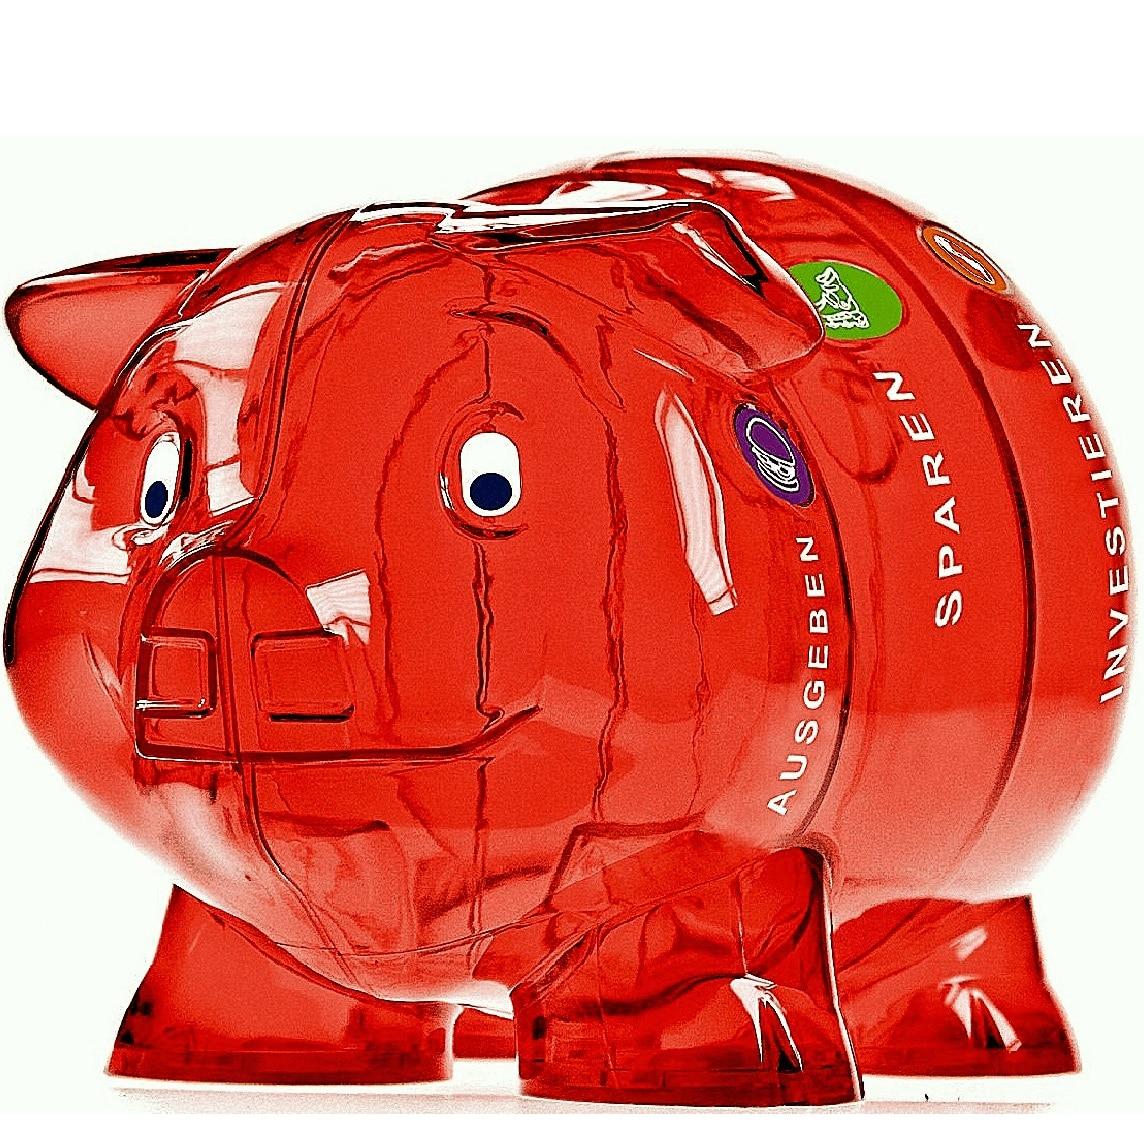 Sparschwein spardose gross durchsichtig mit vier Abteilen rot